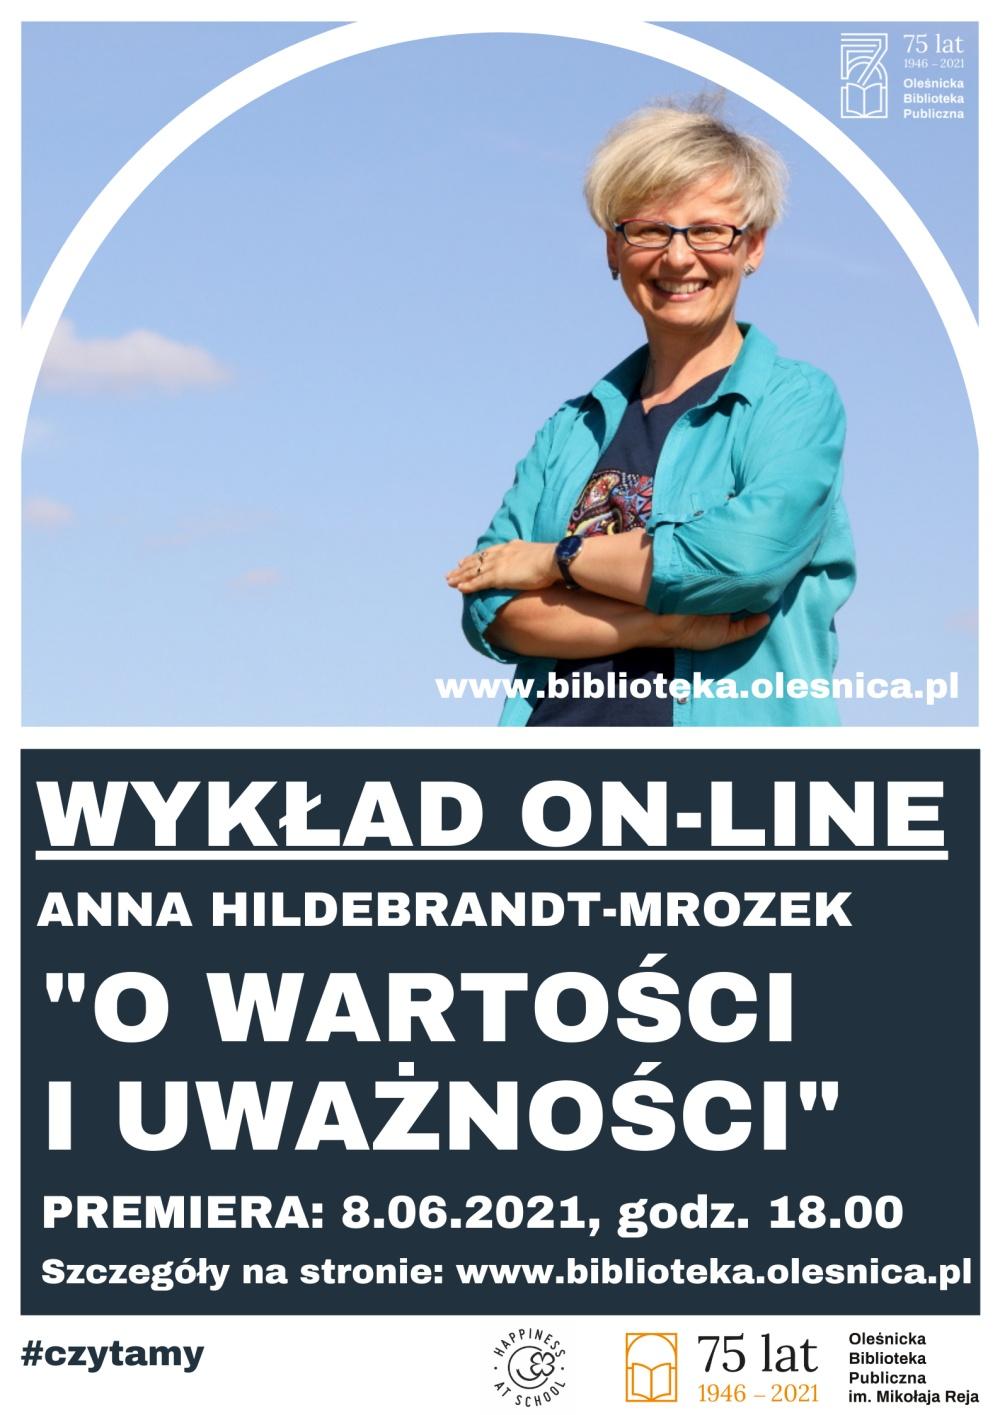 Plakat promujący czerwcowy wykład online